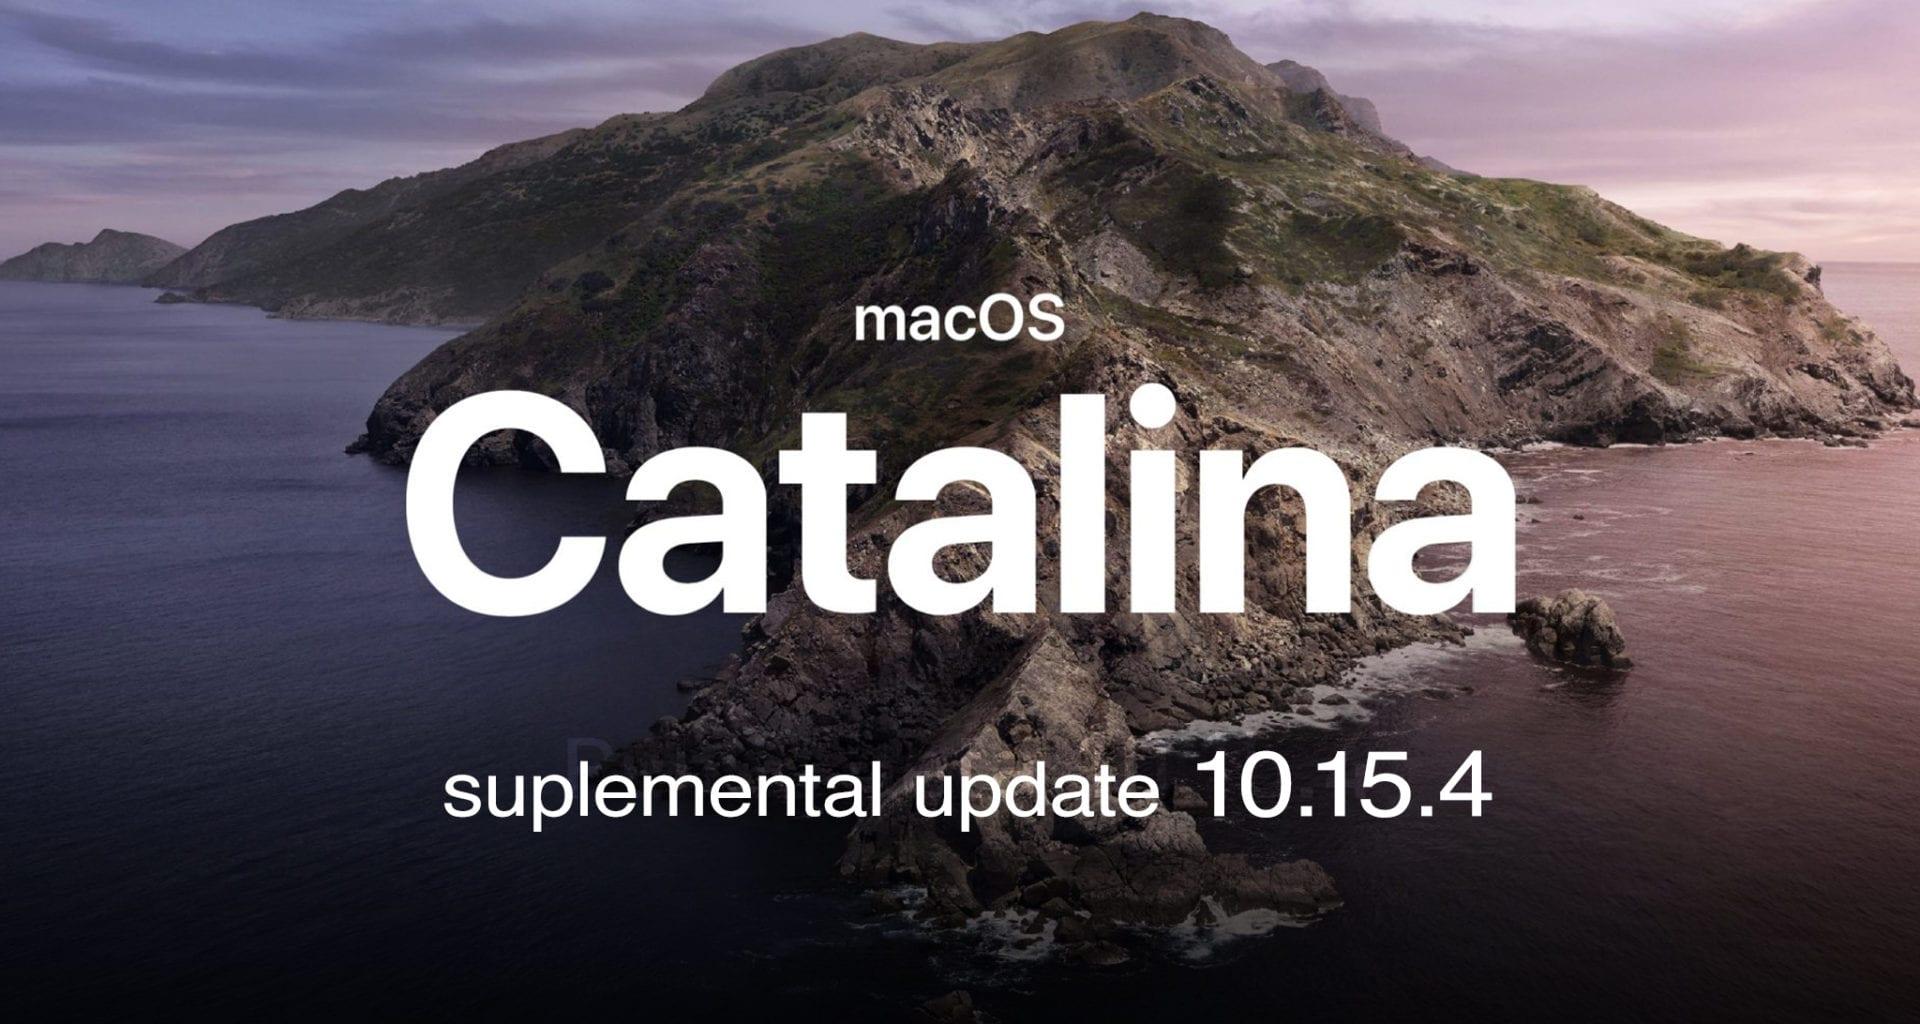 cover macblogs 5 1920x1024 - Vyšiel doplnkový update pre macOS 10.15.4